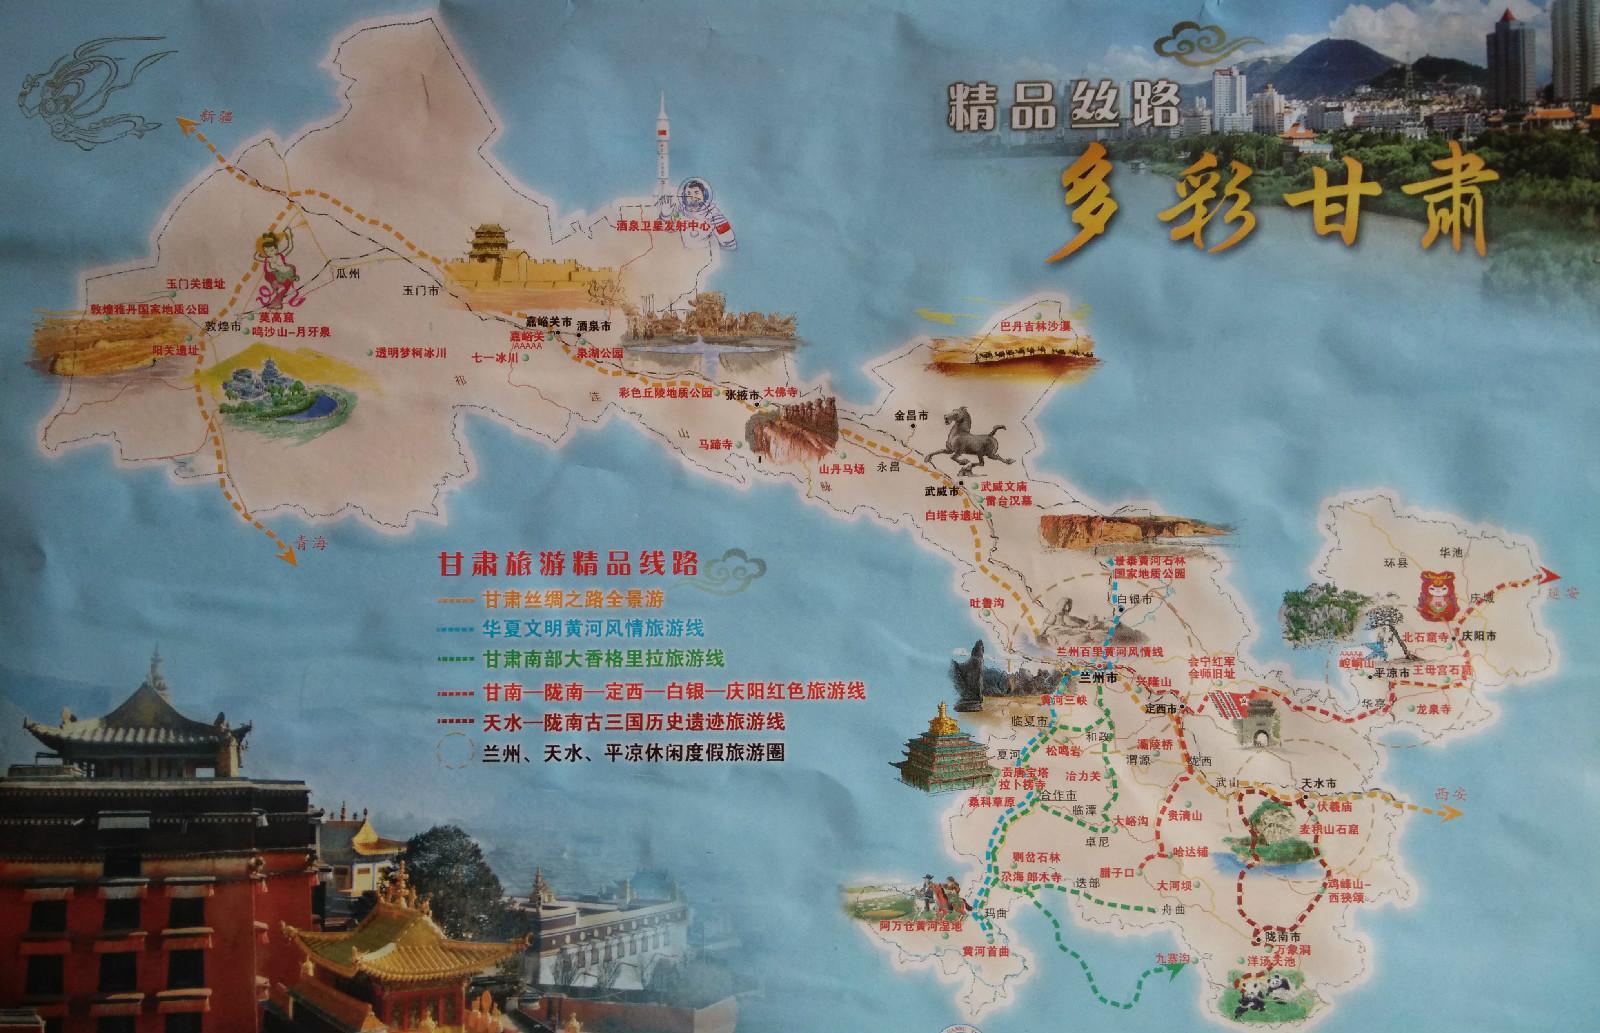 甘肃旅游最值得推荐的景点一览,去甘肃不可错过的热门